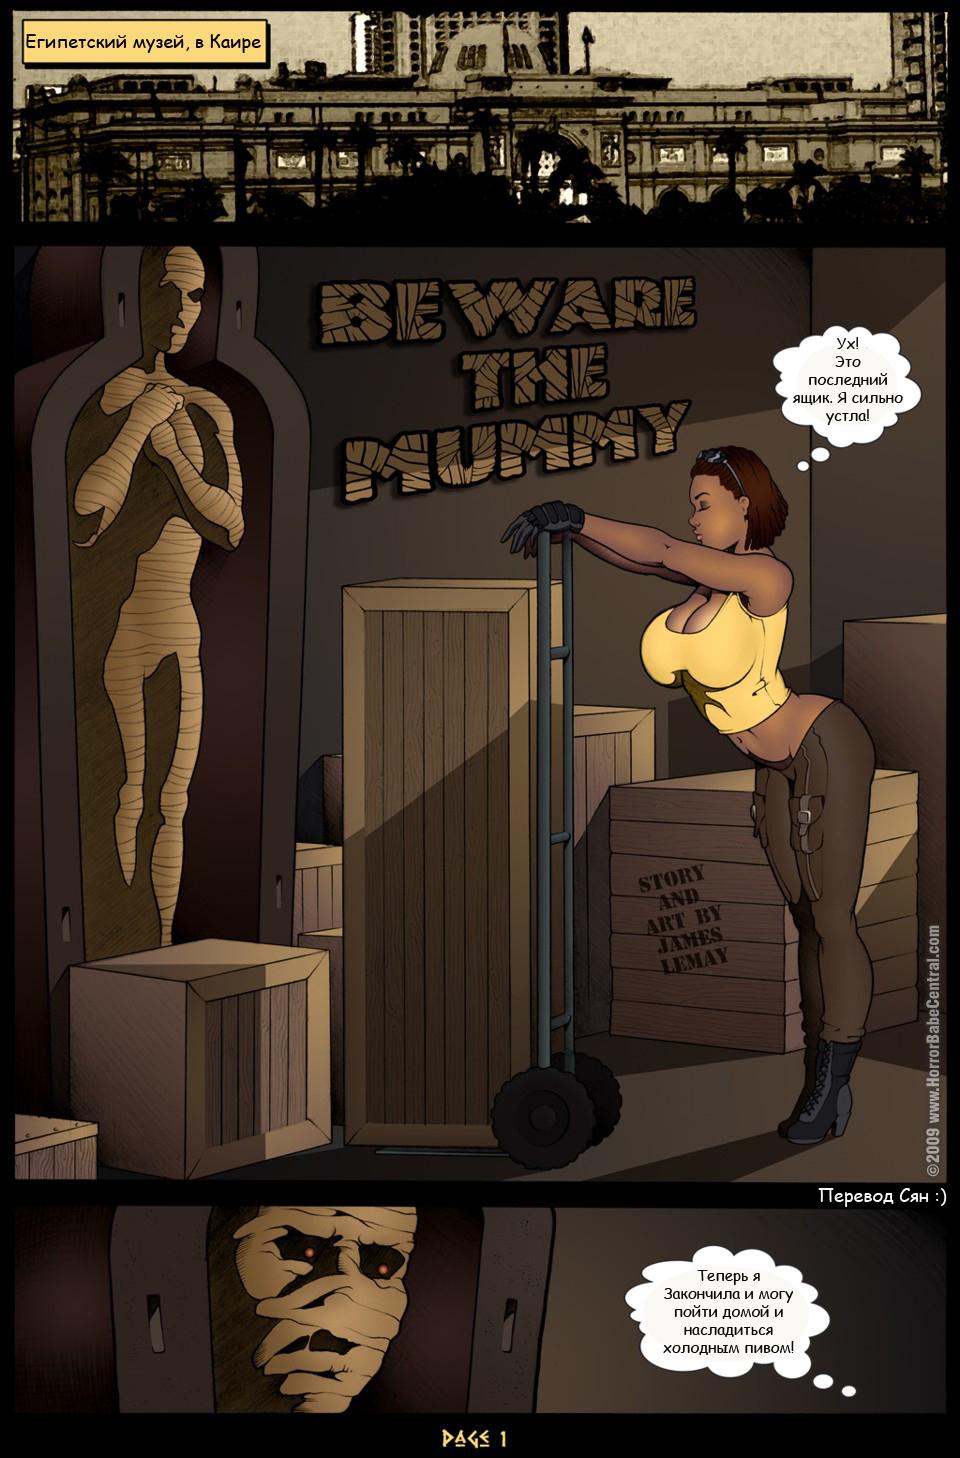 Порно с мумией и девушкой, реальный частный анал онлайн